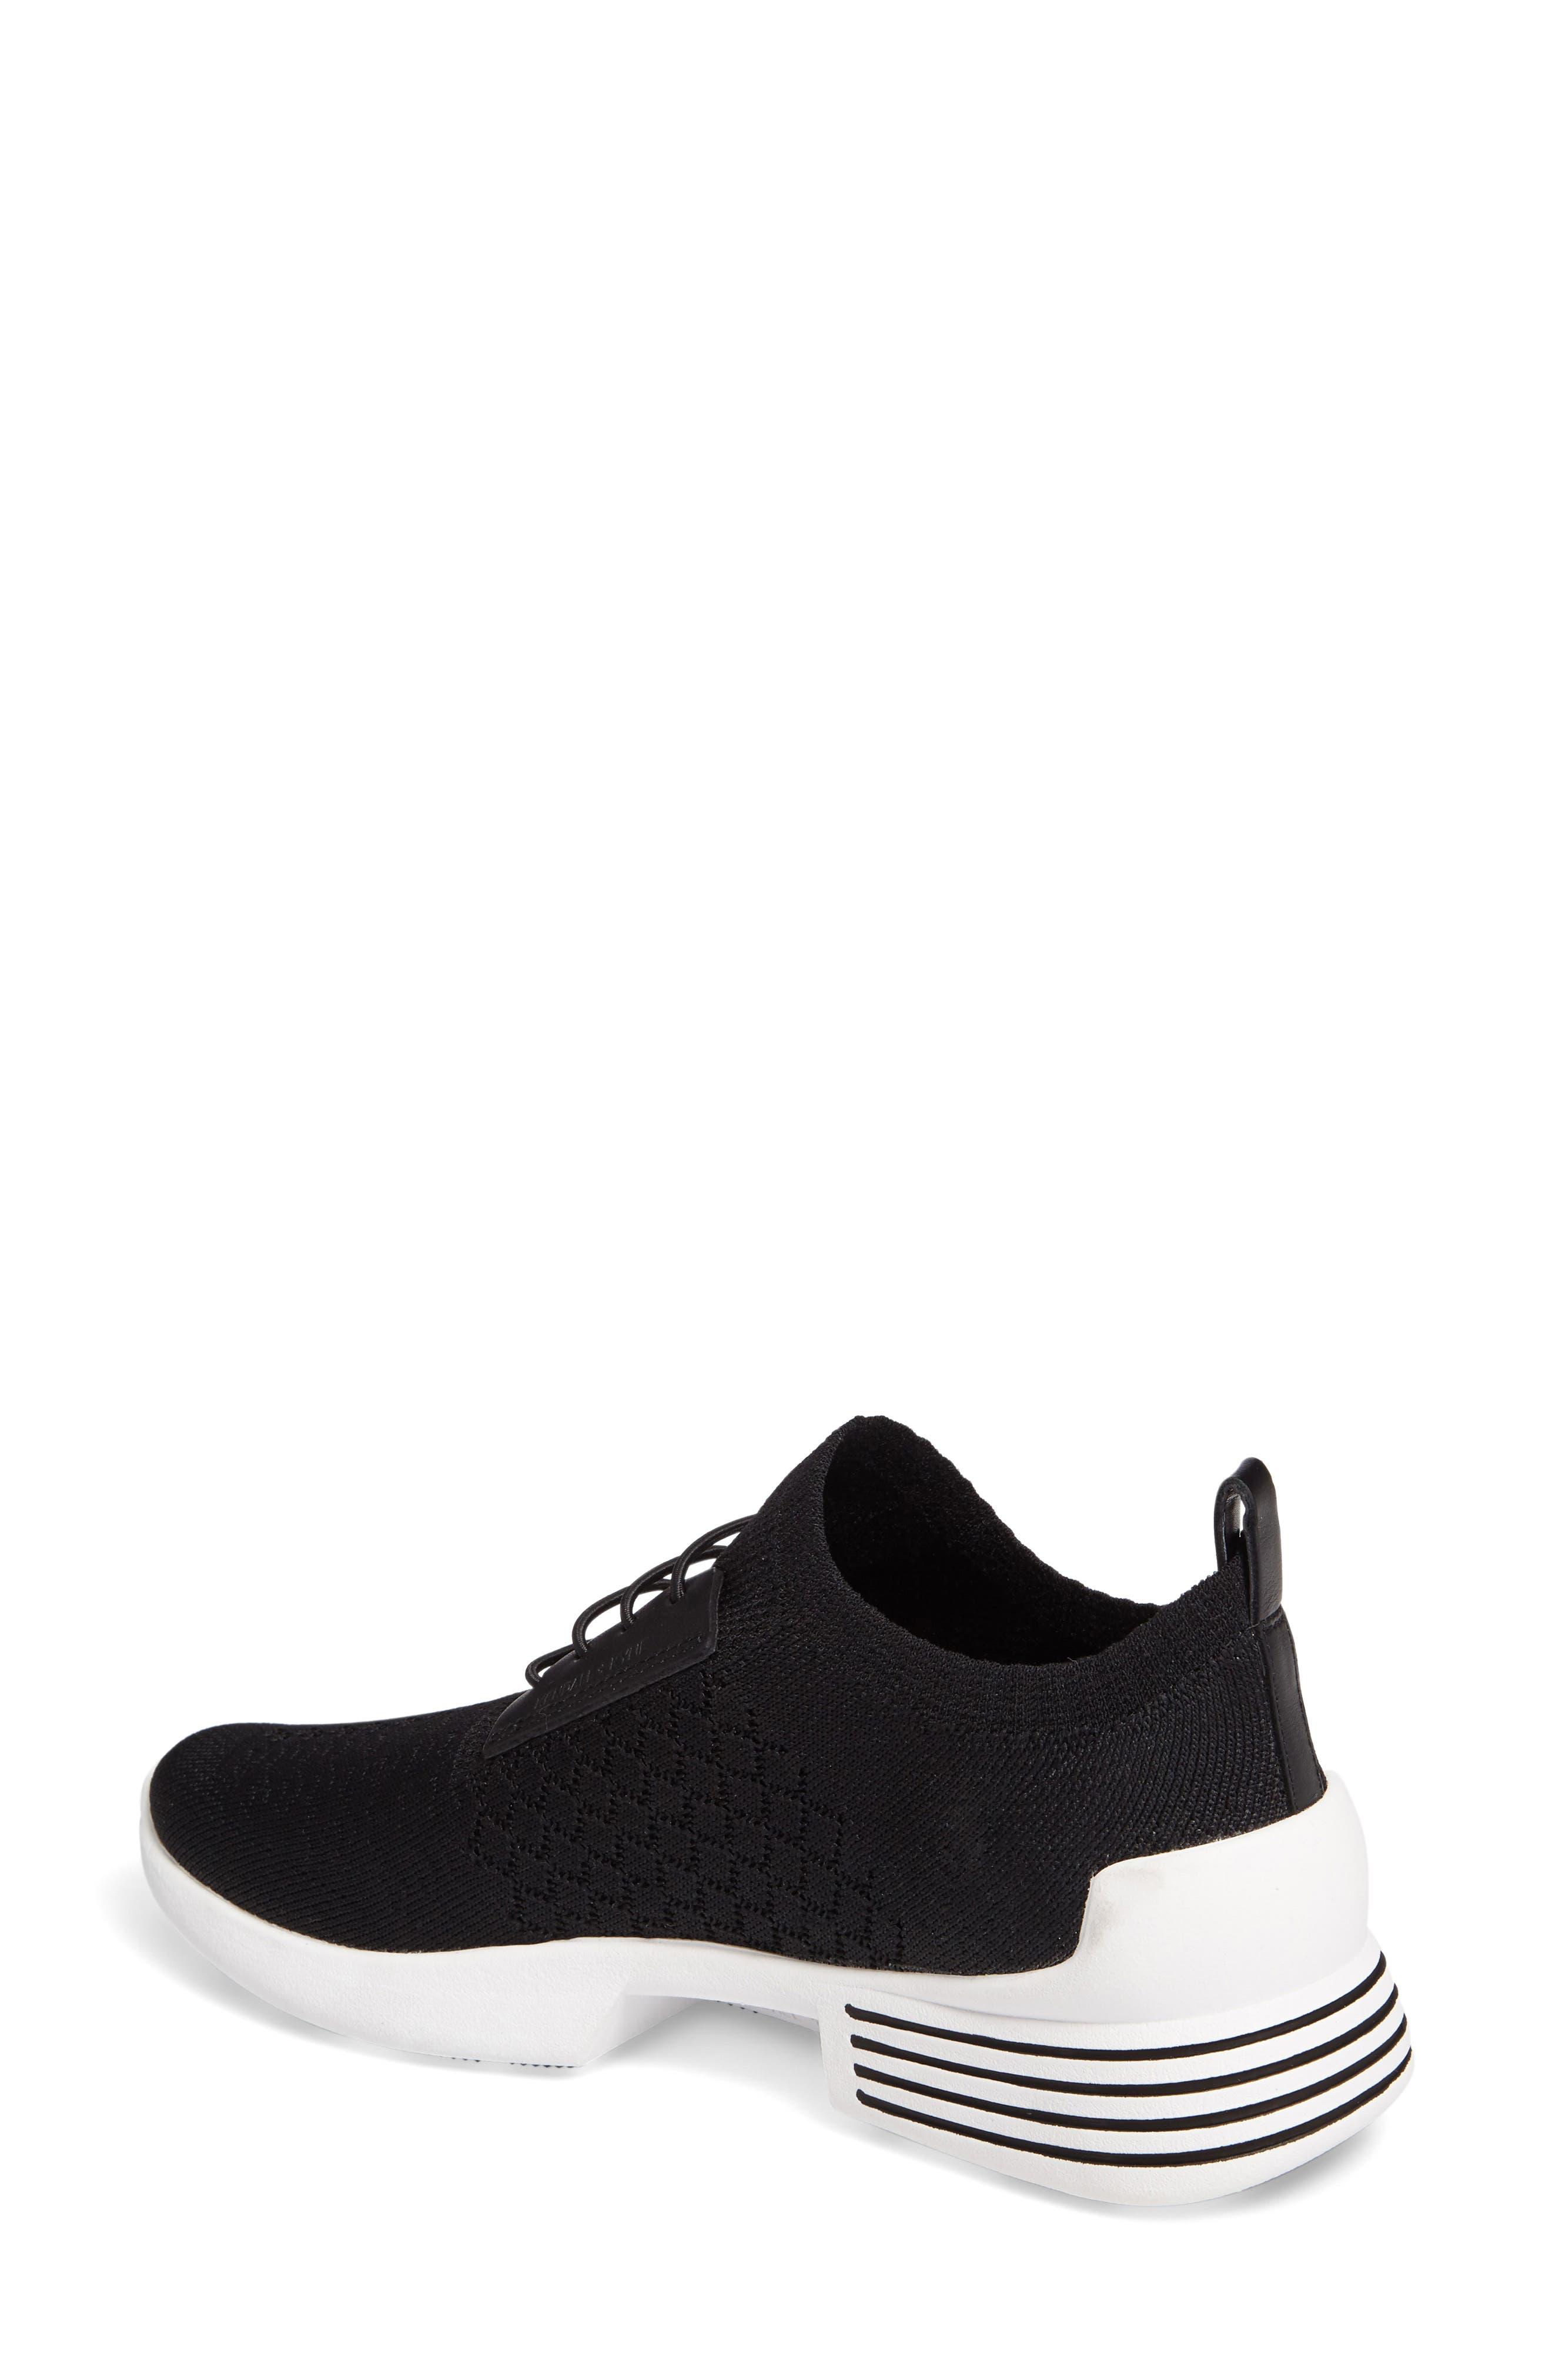 Brandy Woven Sneaker,                             Alternate thumbnail 2, color,                             001